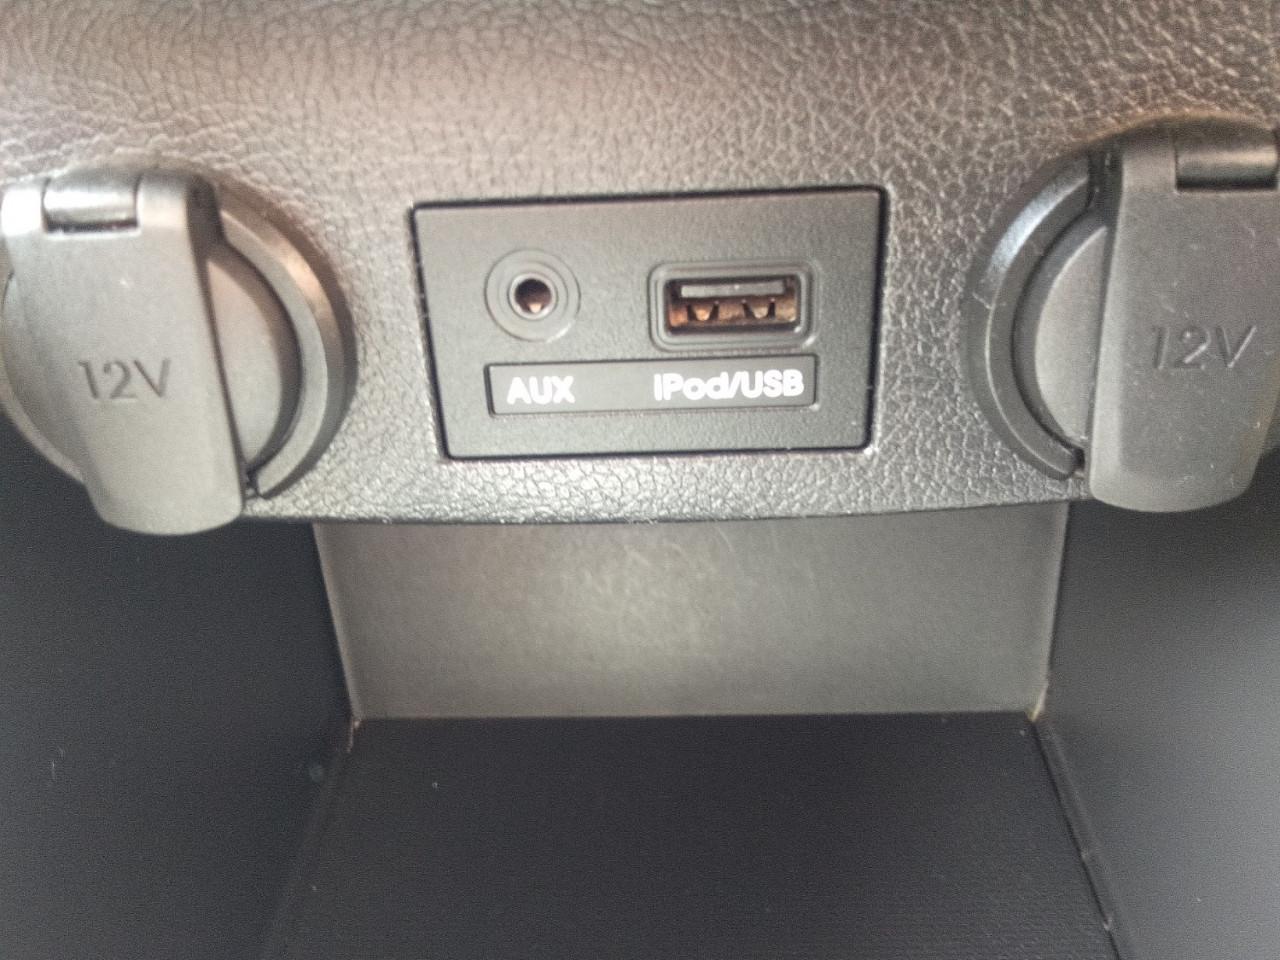 2012 Hyundai Veloster FS FS Hatchback Image 13